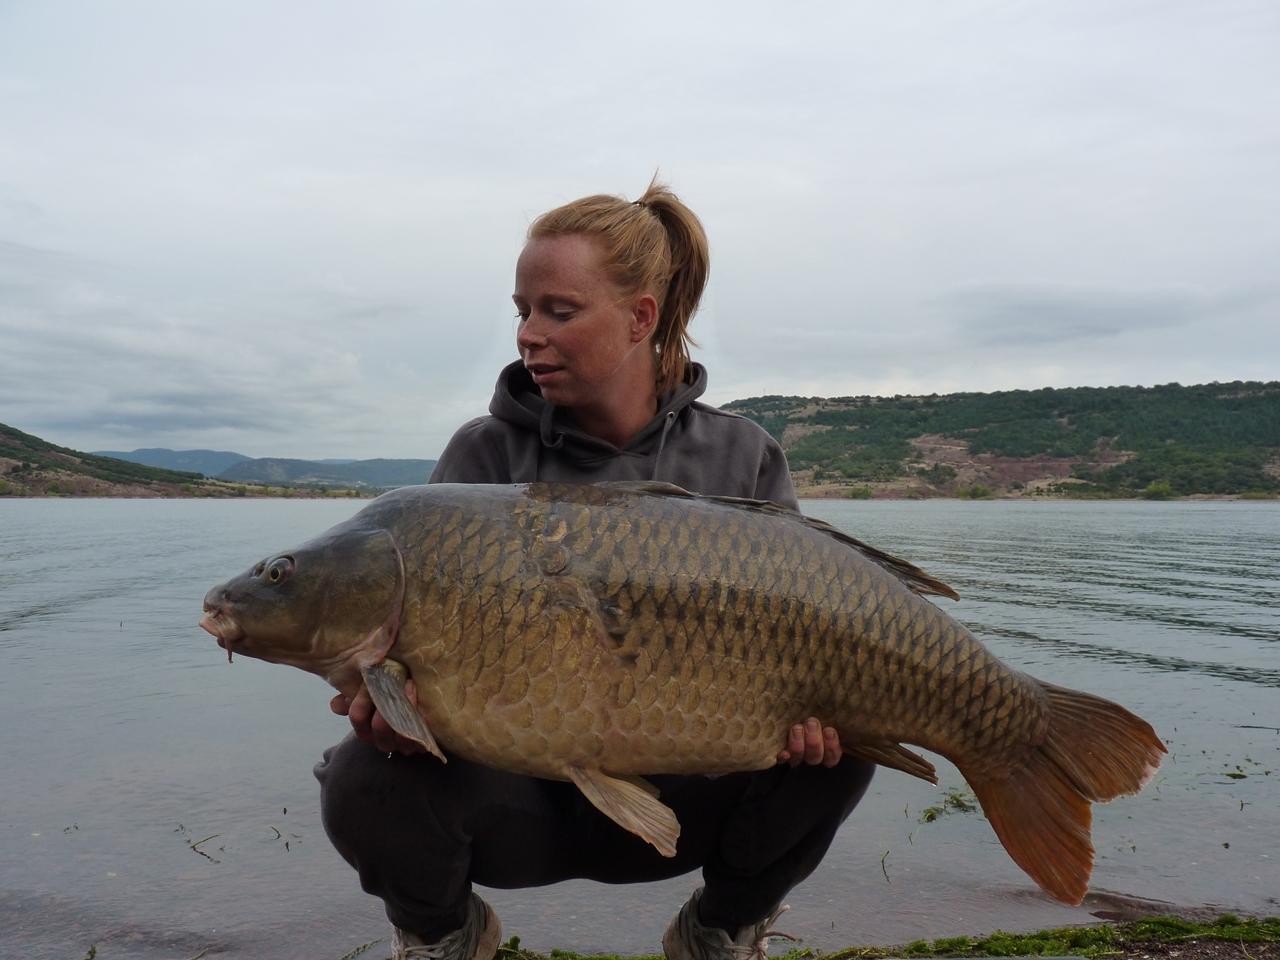 Vrouwen vangen altijd de dikste vissen. Margot met een rachtige schub van dik 19 kilo. Een geweldige afsluiter van de trip.